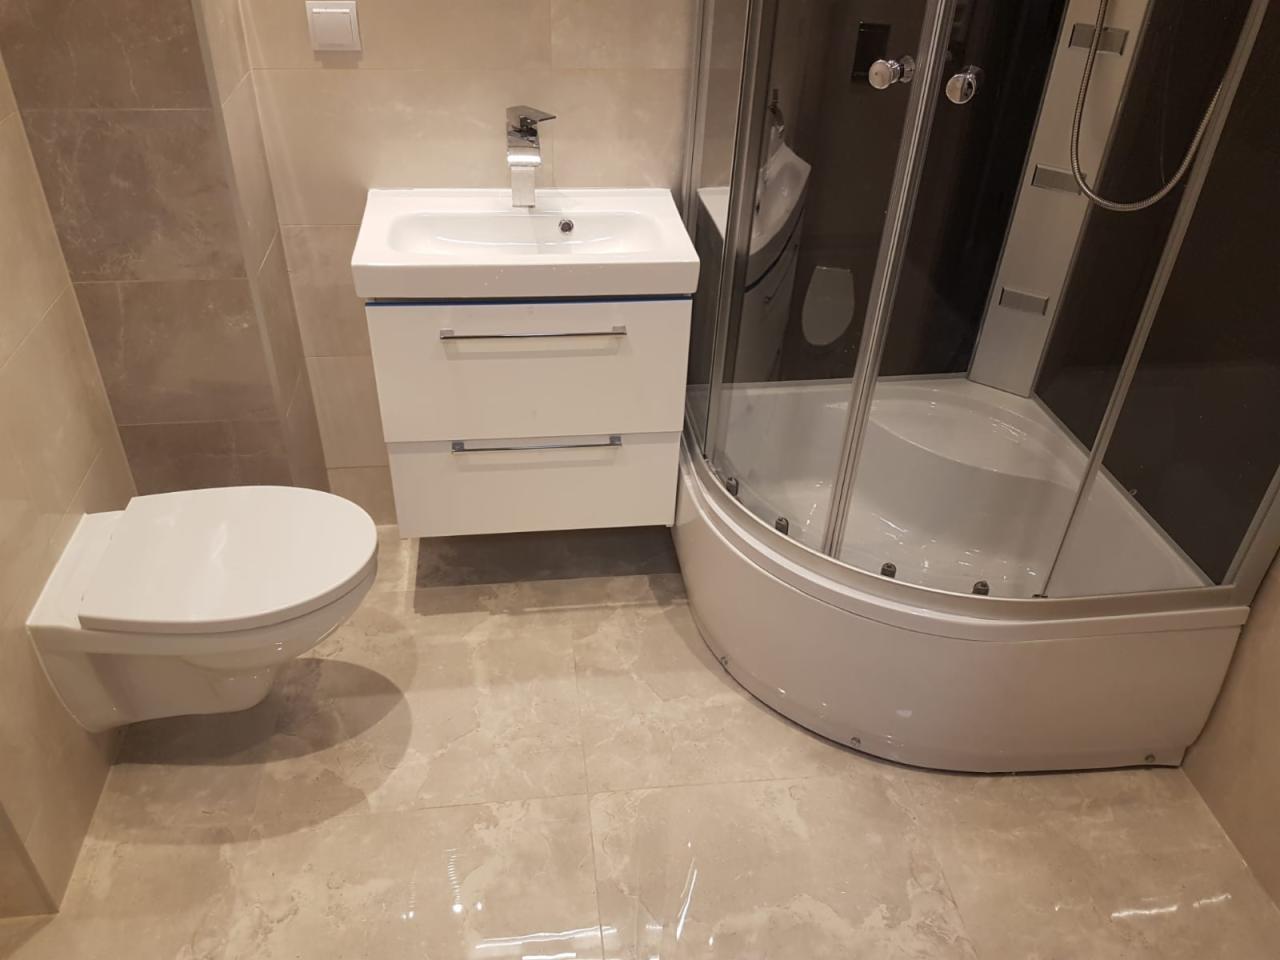 Szukam Firmy Do Wyremontowania łazienki Do 5m2 Kraków